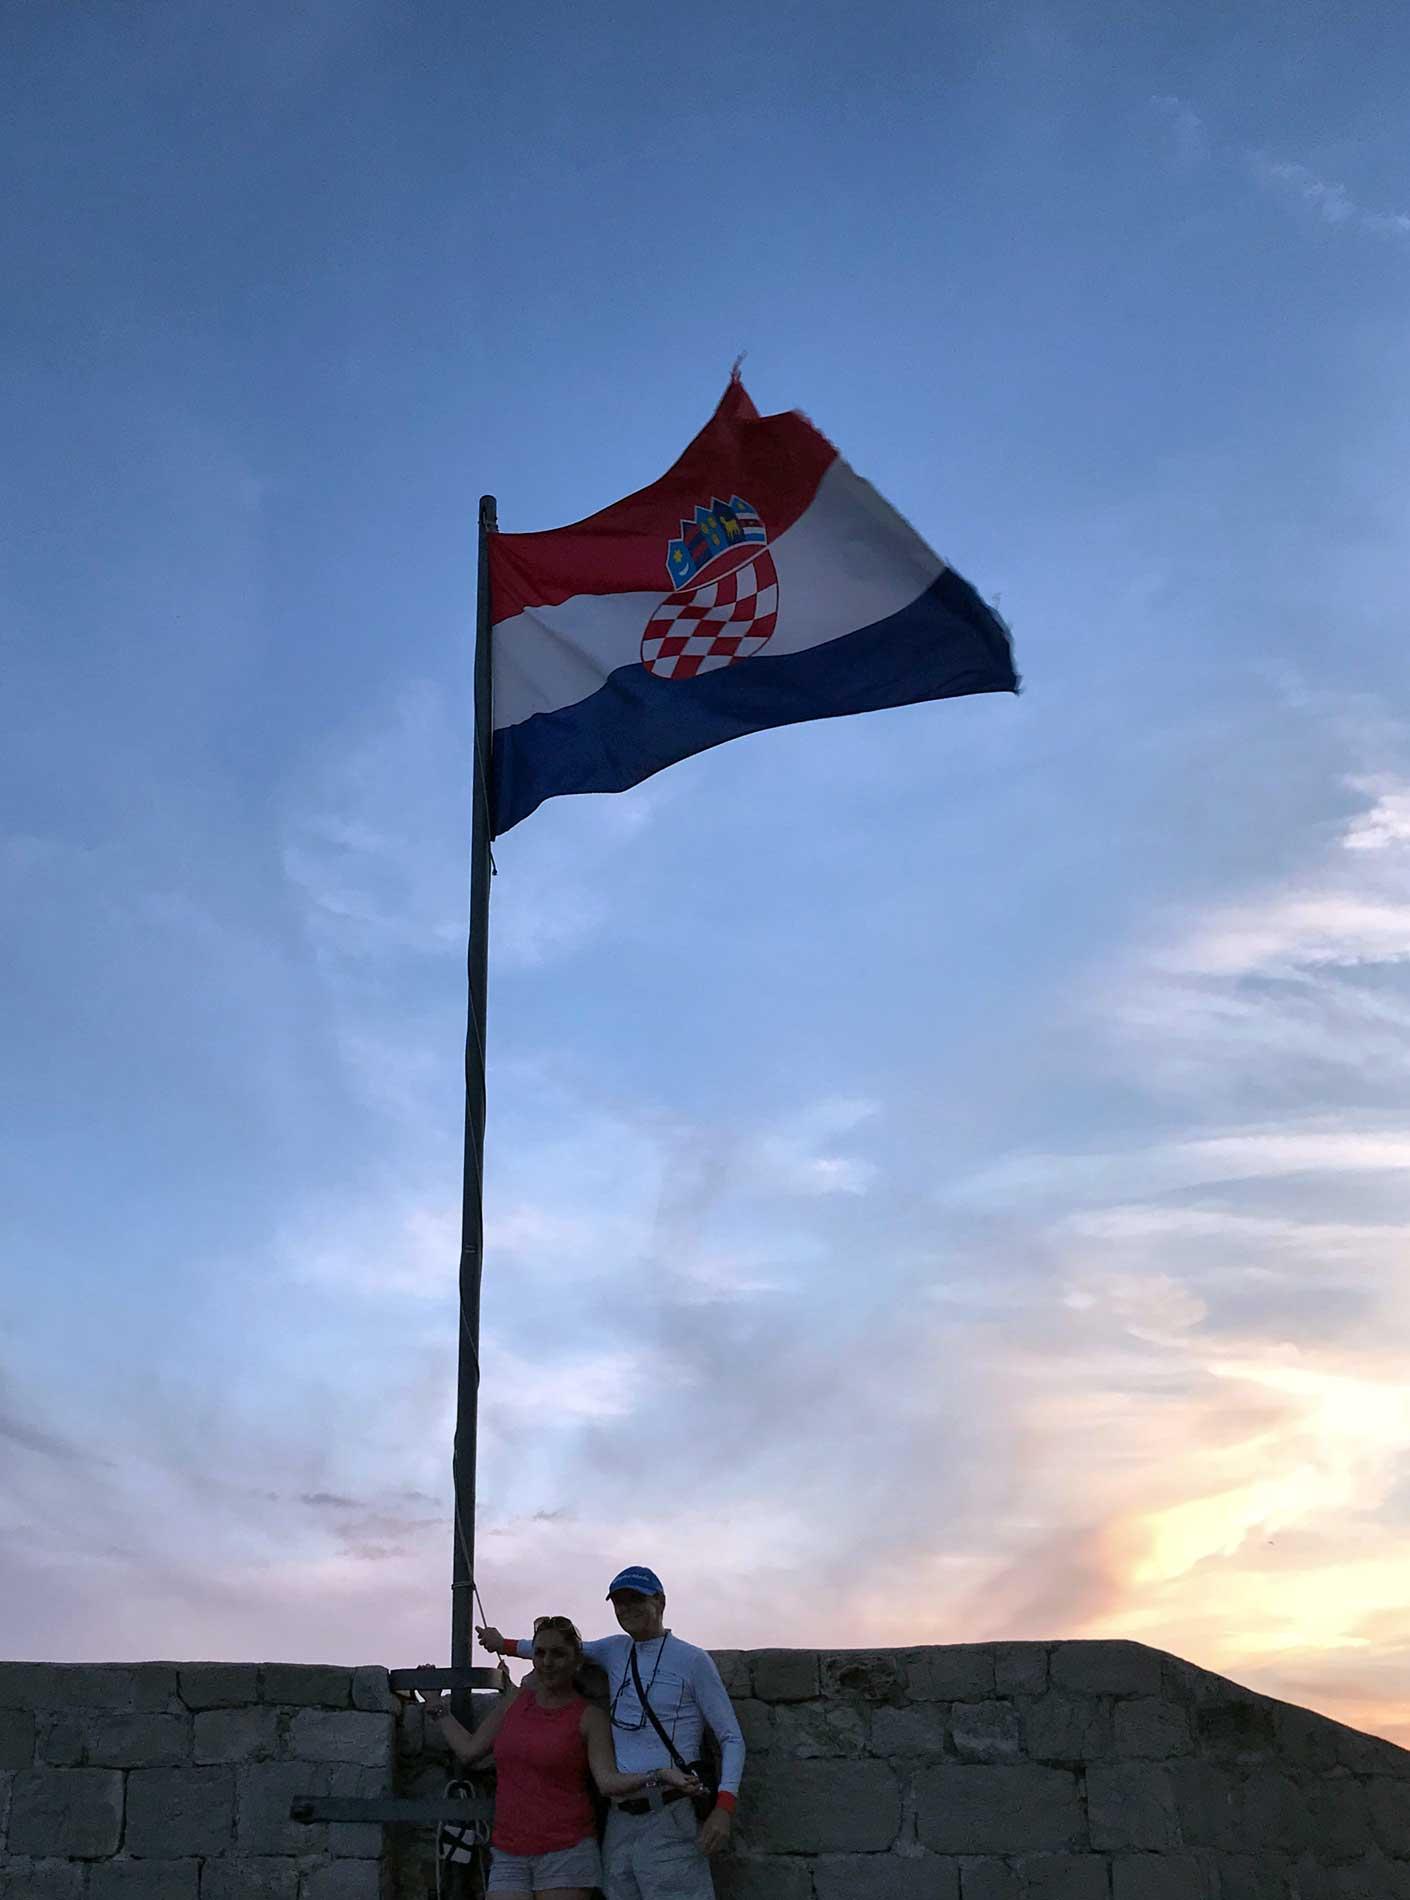 Dubrovnik-Croazia-Torre-Minceta-bandiera-croata-che-sventola